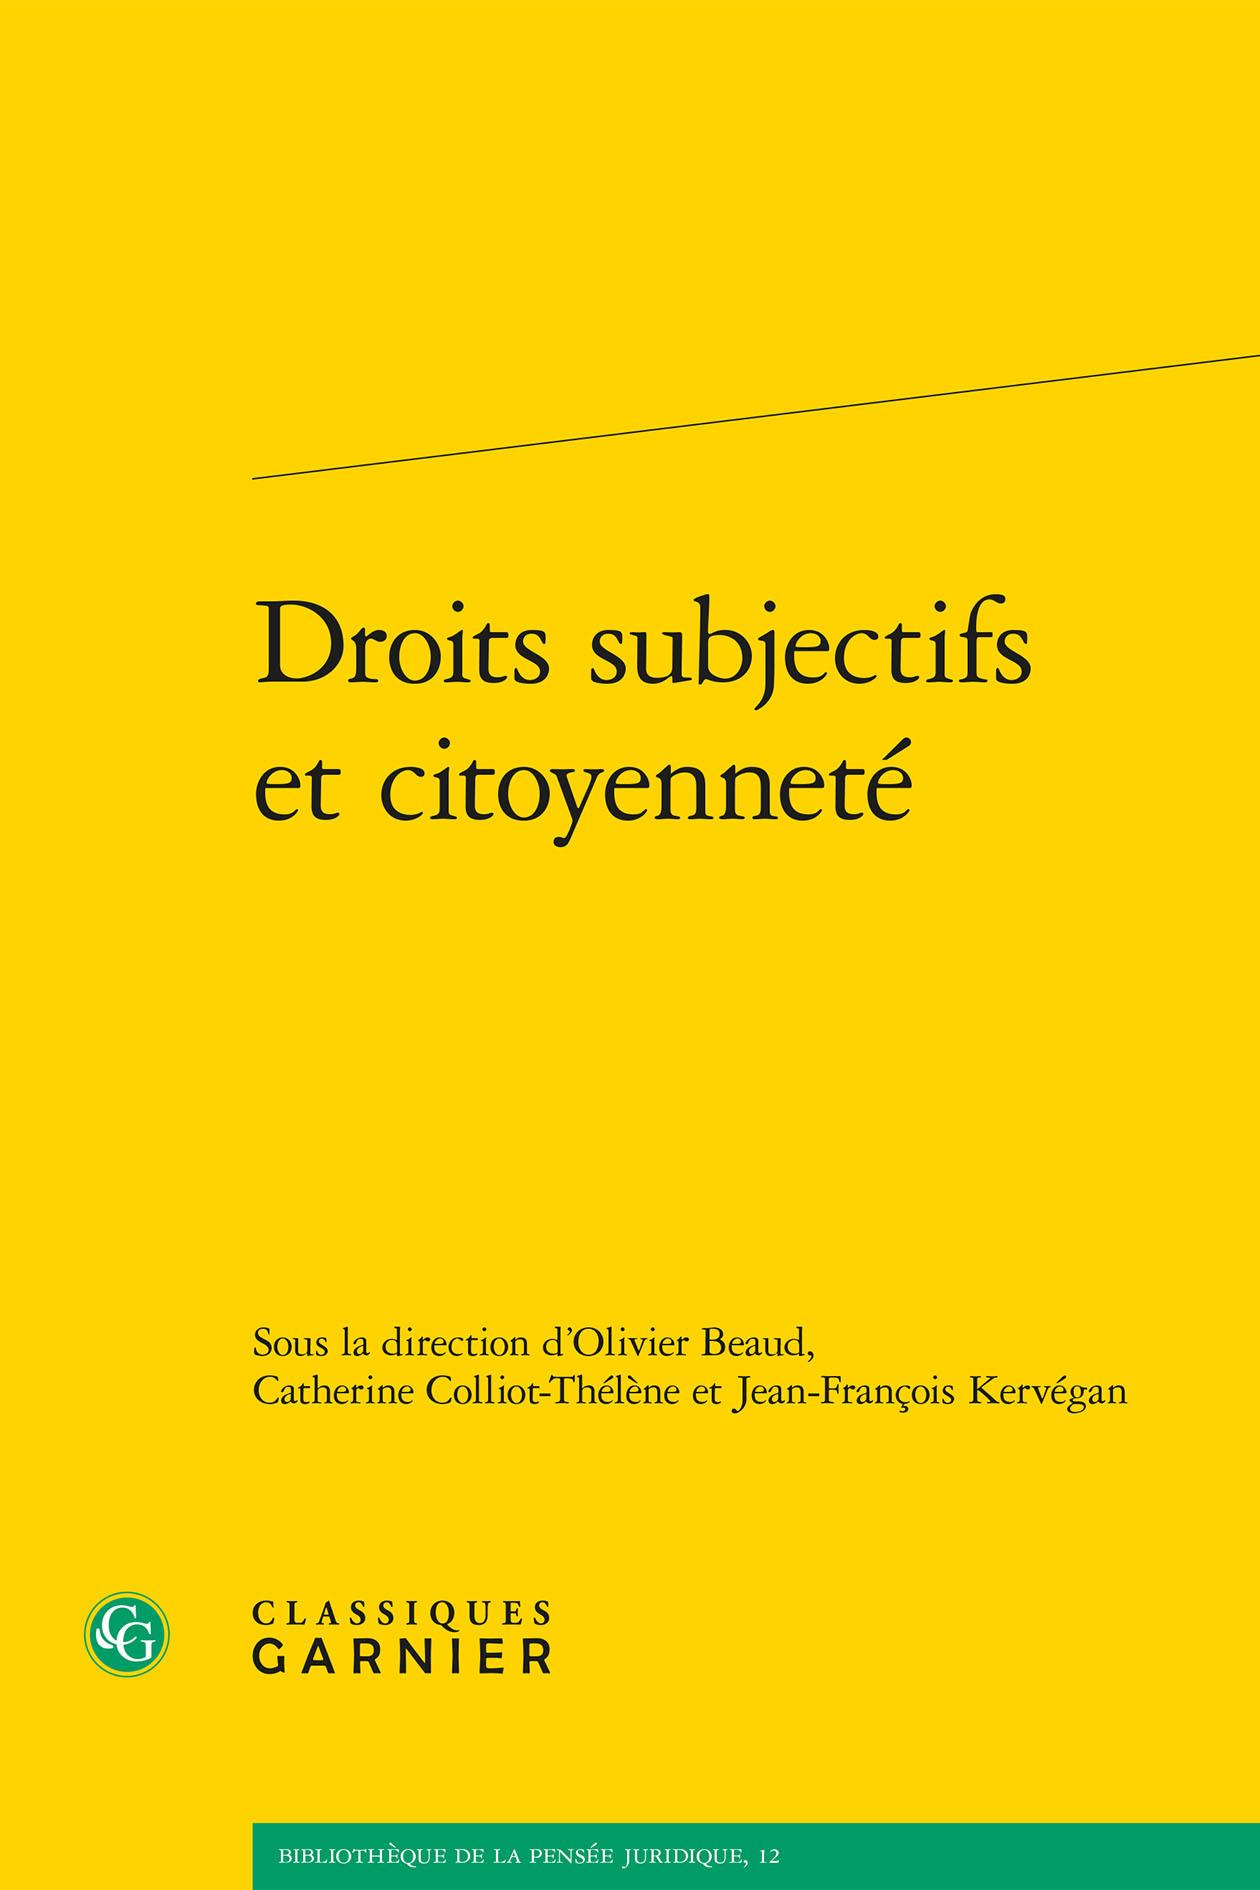 BIBLIOTHEQUE DE LA PENSEE JURIDIQUE - T12 - DROITS SUBJECTIFS ET CITOYENNETE